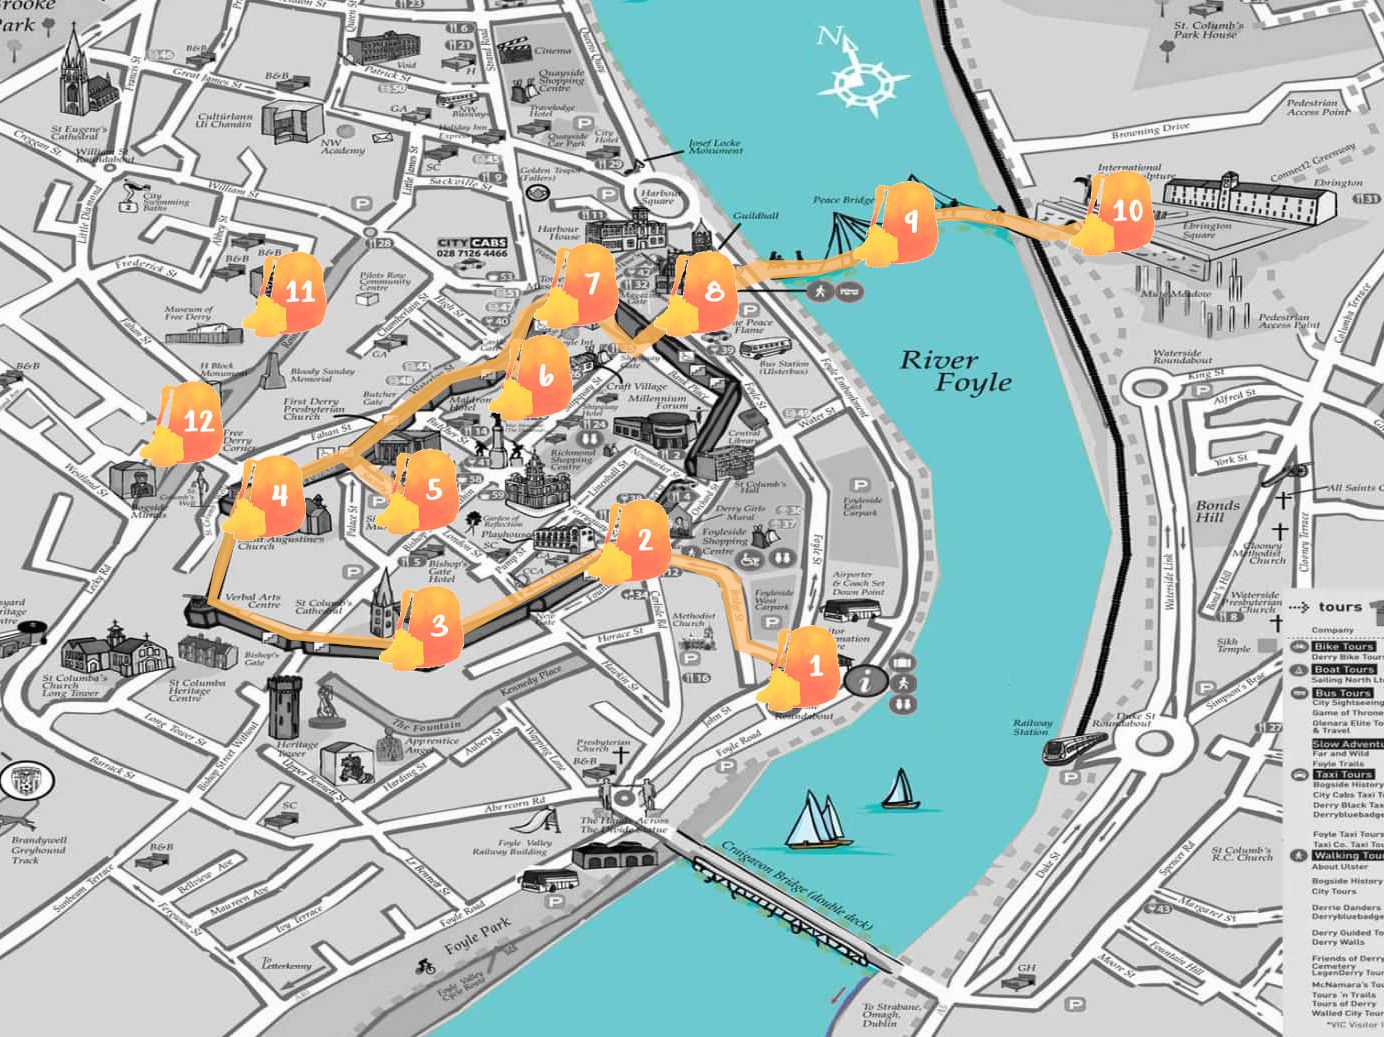 Mapa de Derry con nuestra ruta señalada